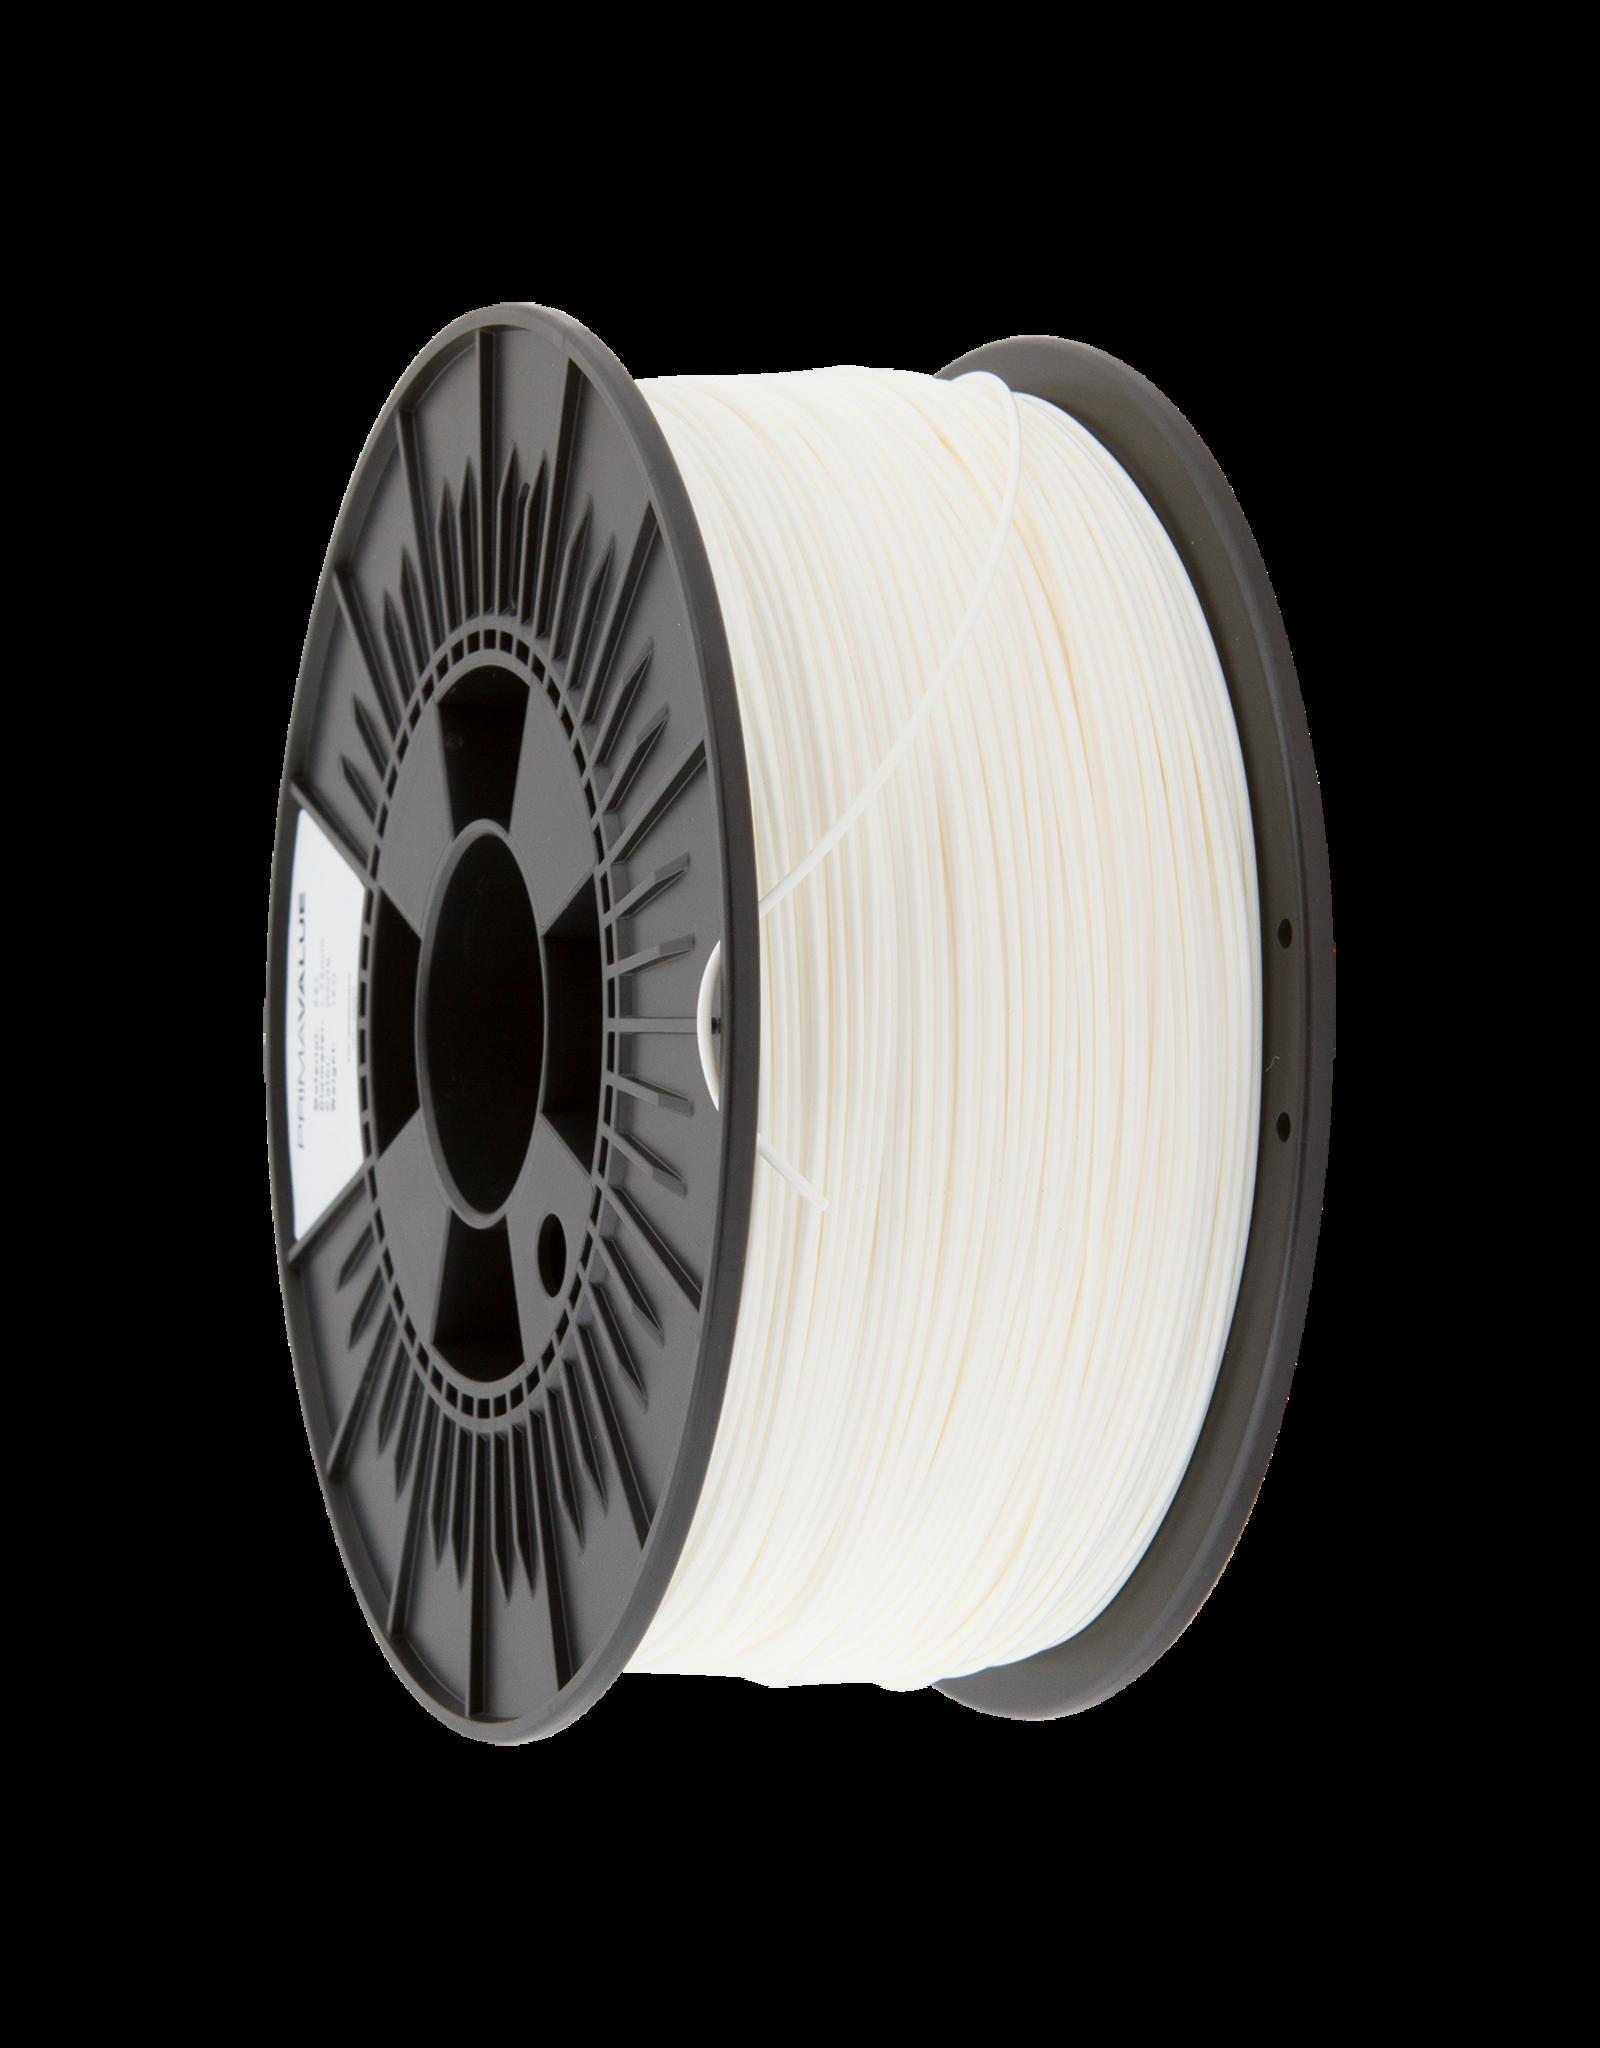 Prima PrimaValue ABS Filament - 1.75mm - 1 kg - White